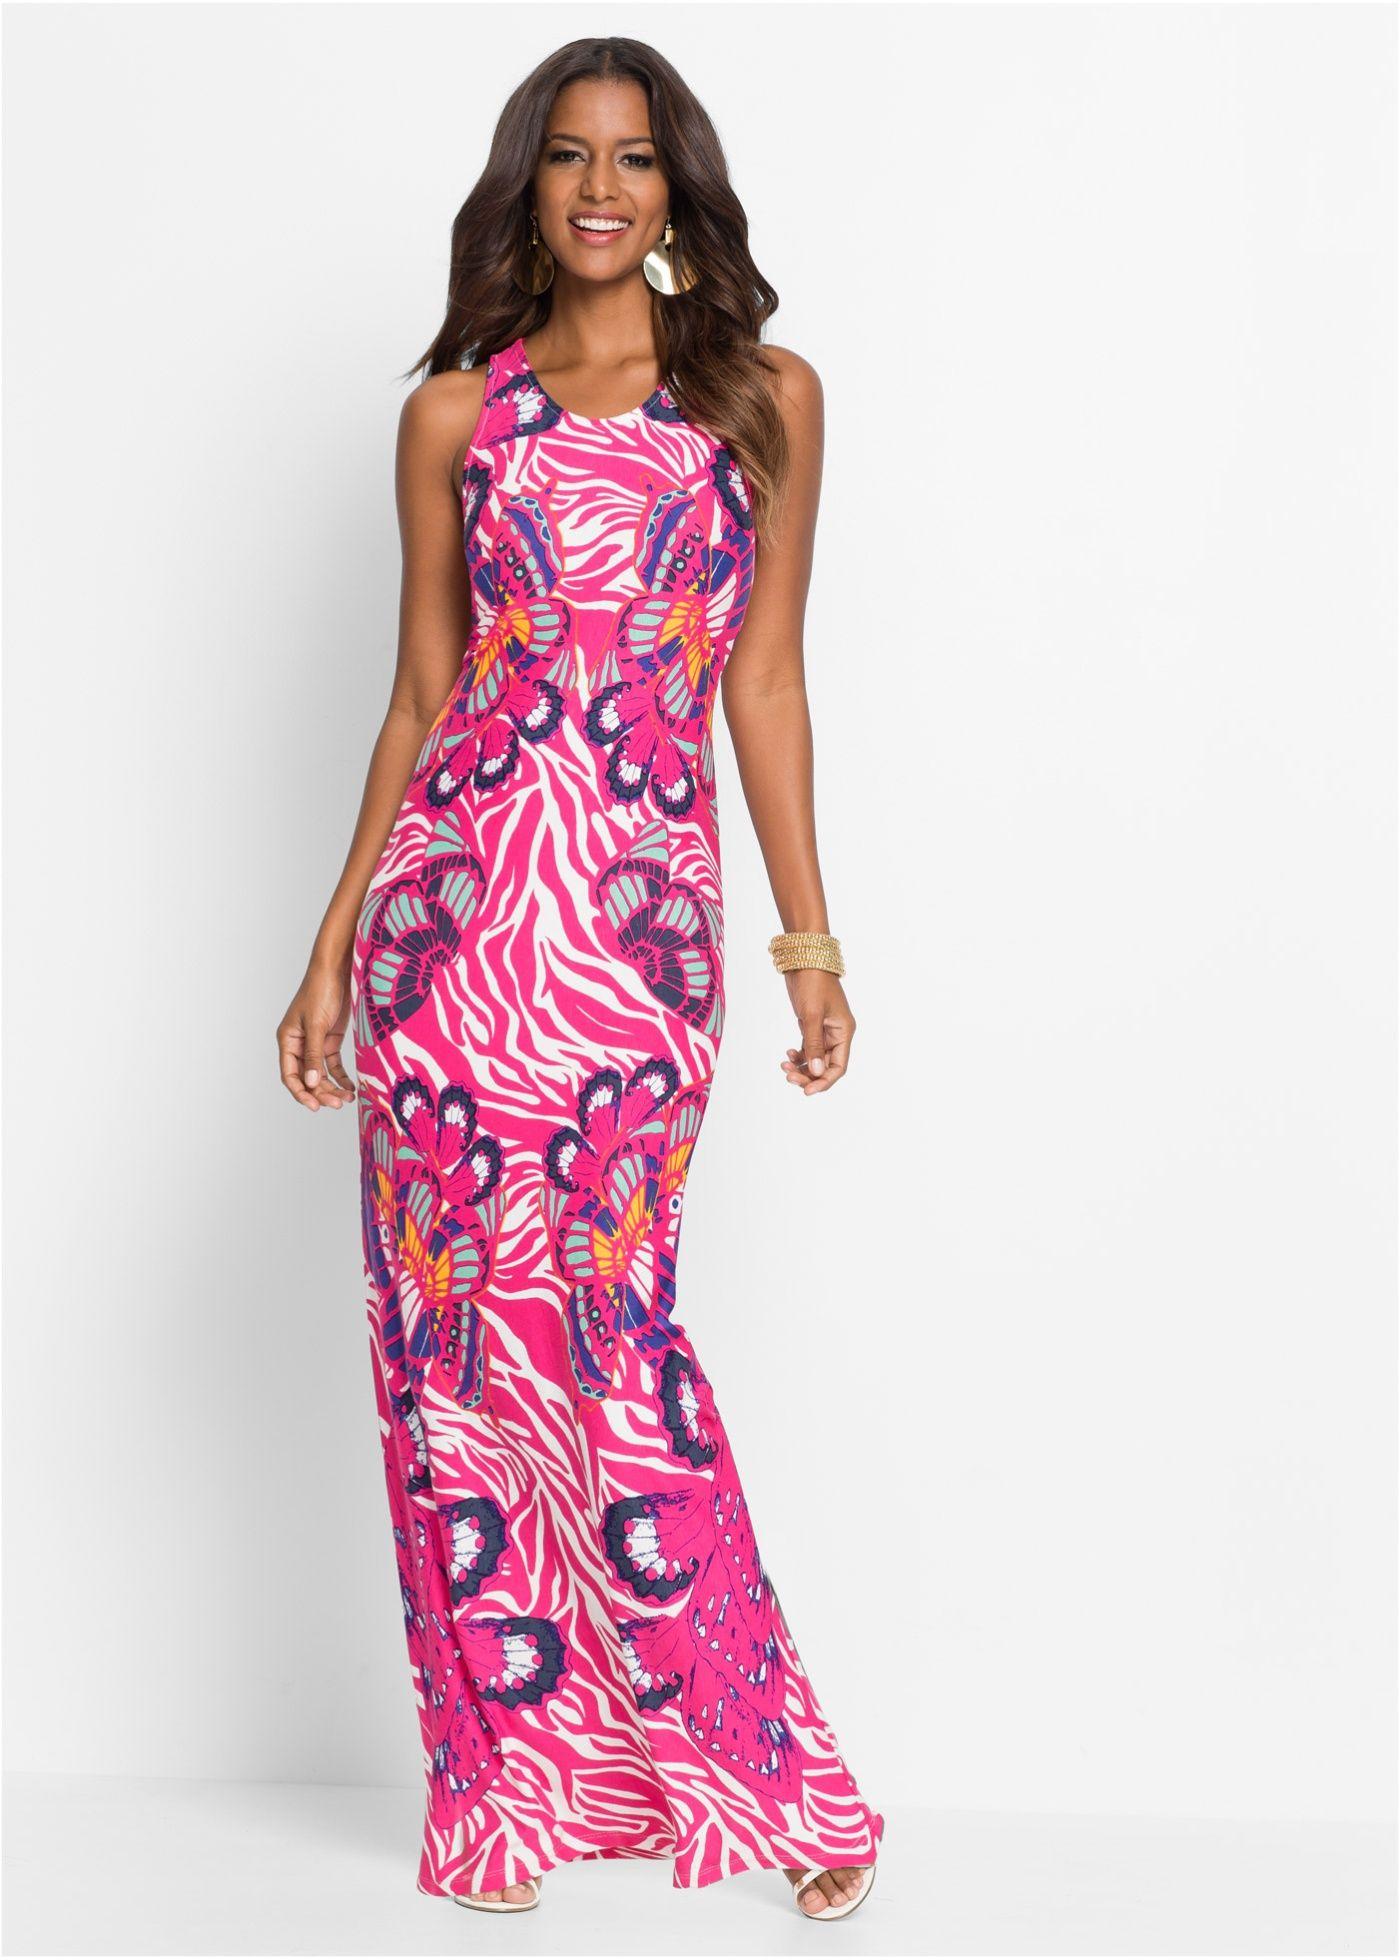 Kleid bunt rosa - BODYFLIRT boutique jetzt im Online Shop von